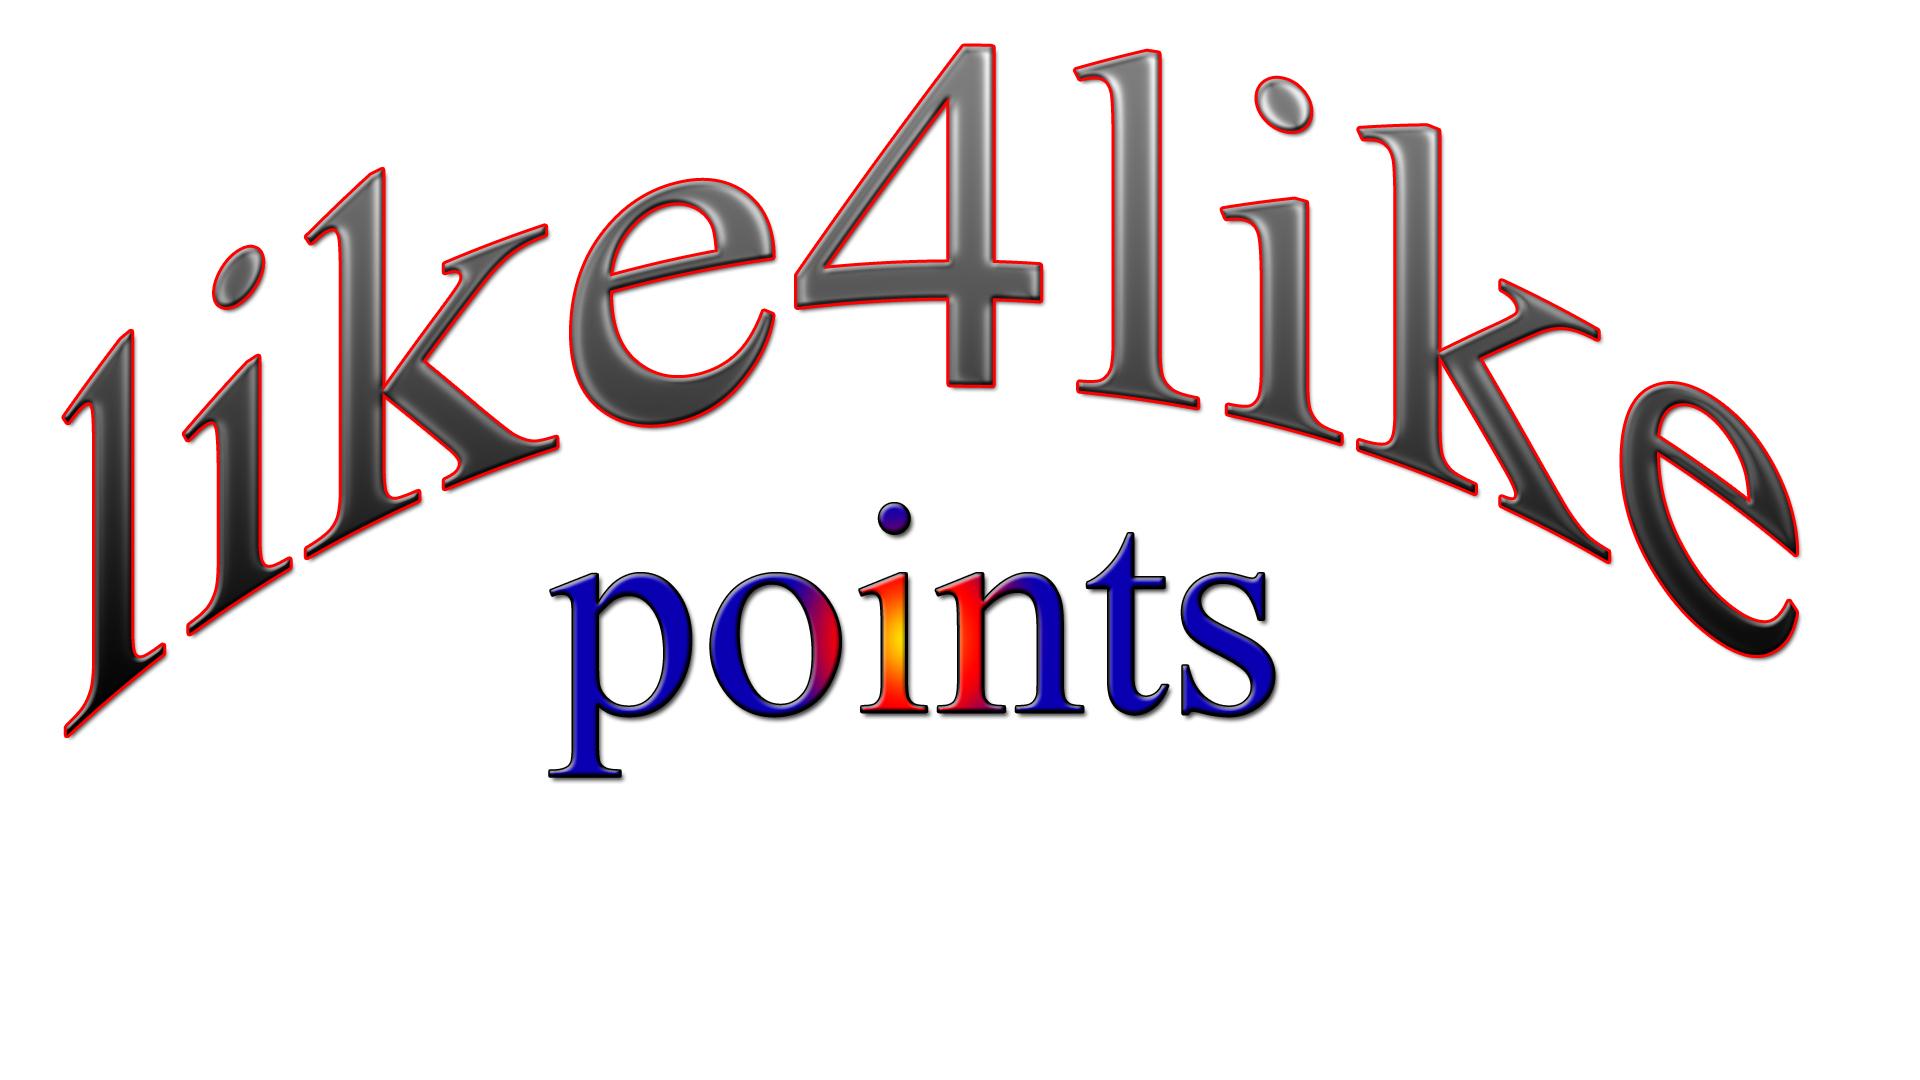 Get you 1500 like4like points